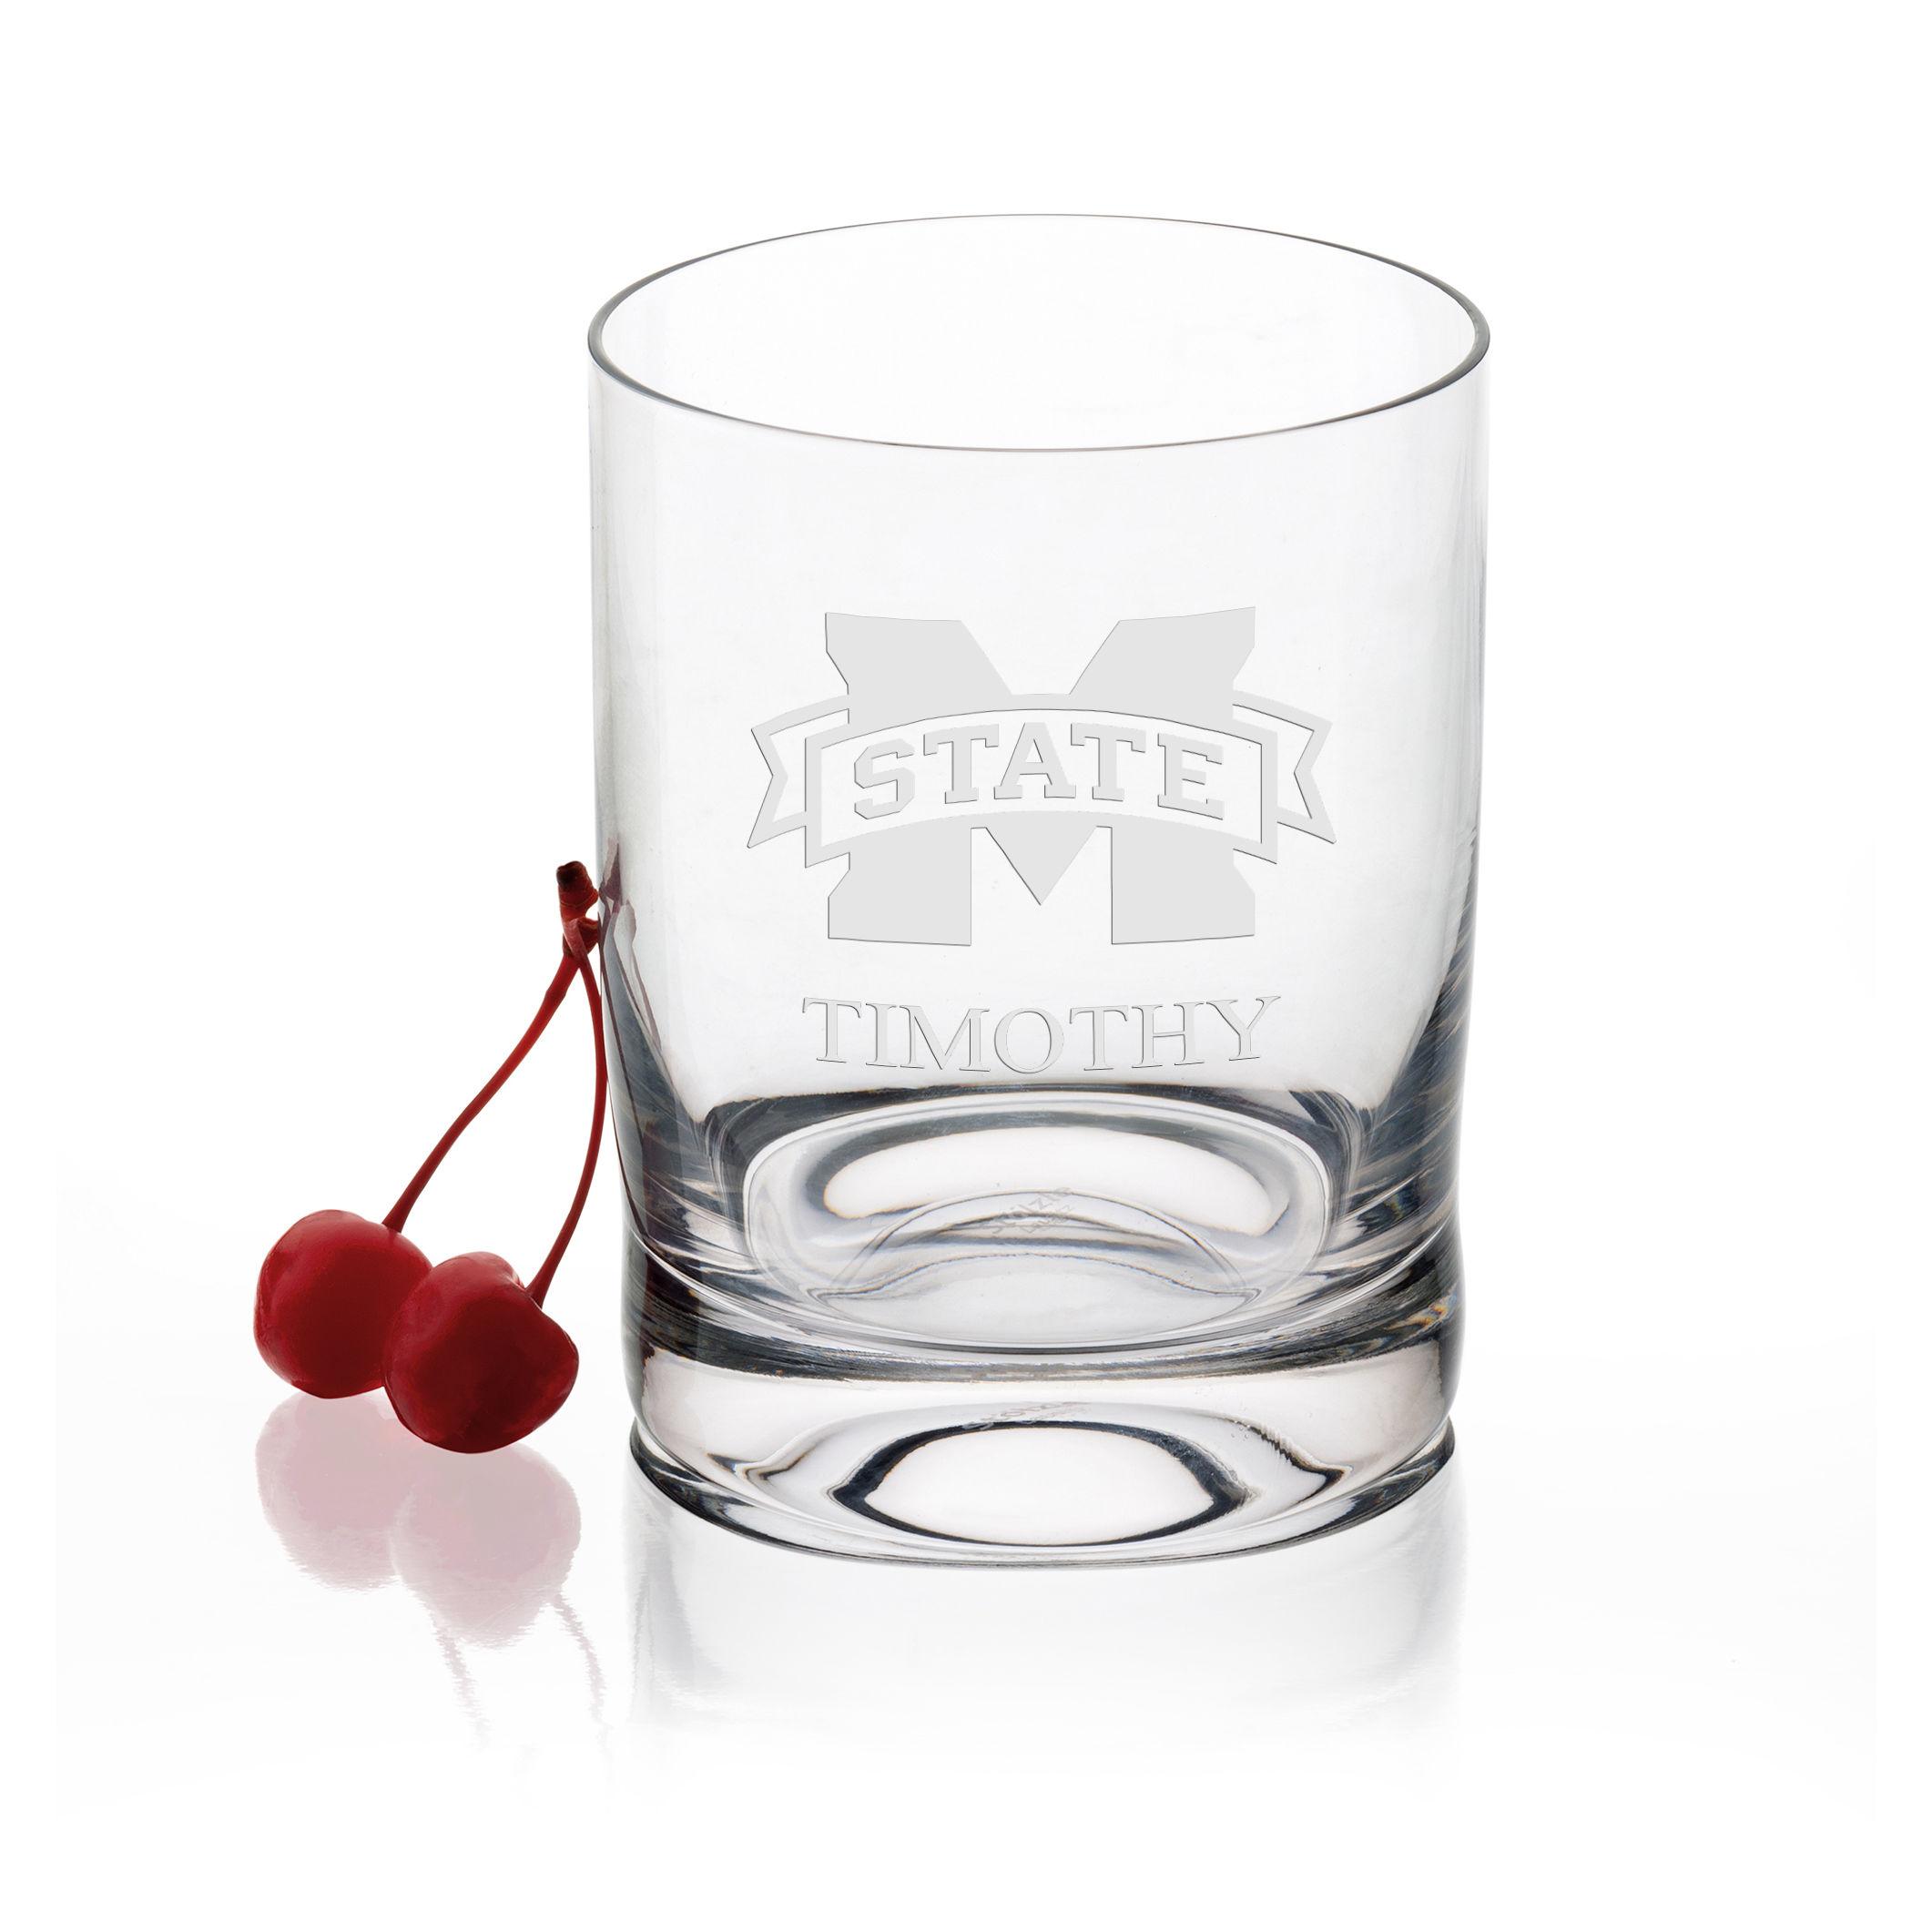 Mississippi State Tumbler Glasses - Set of 4